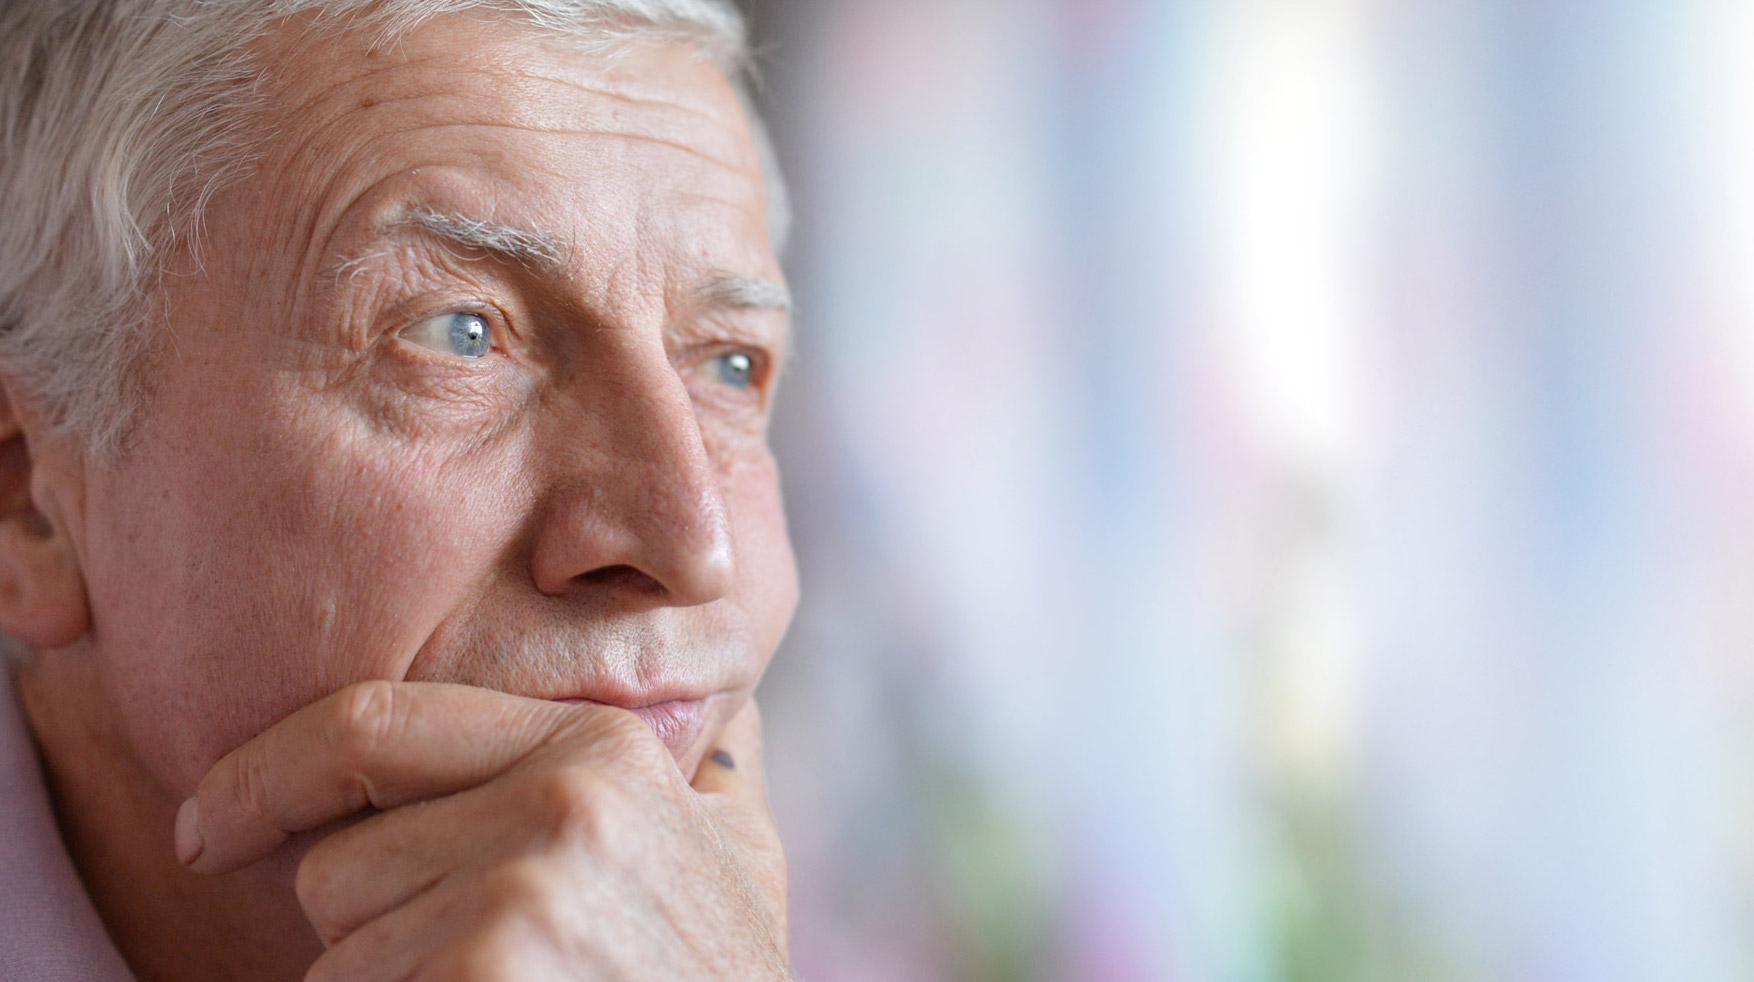 anziano-preoccupato-prostata-03